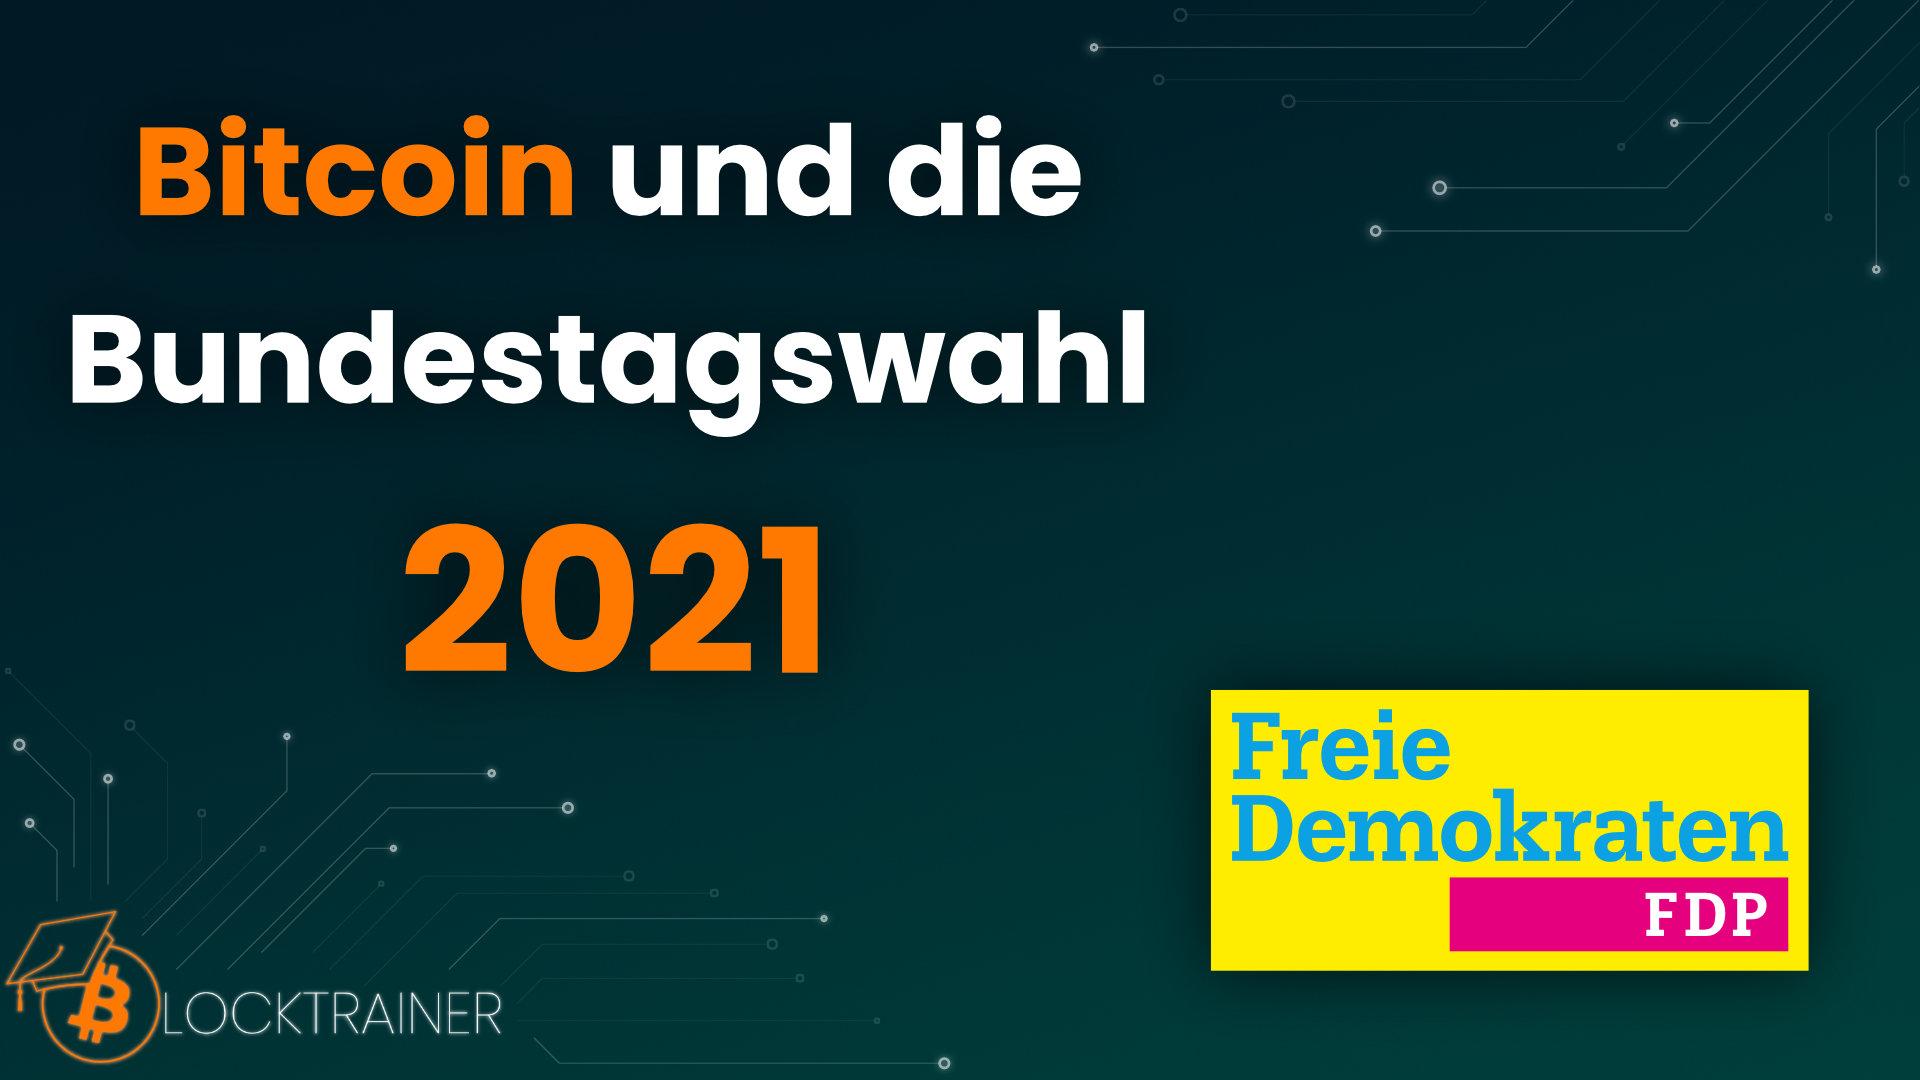 Bitcoin Bundestagswahl 2021 FDP